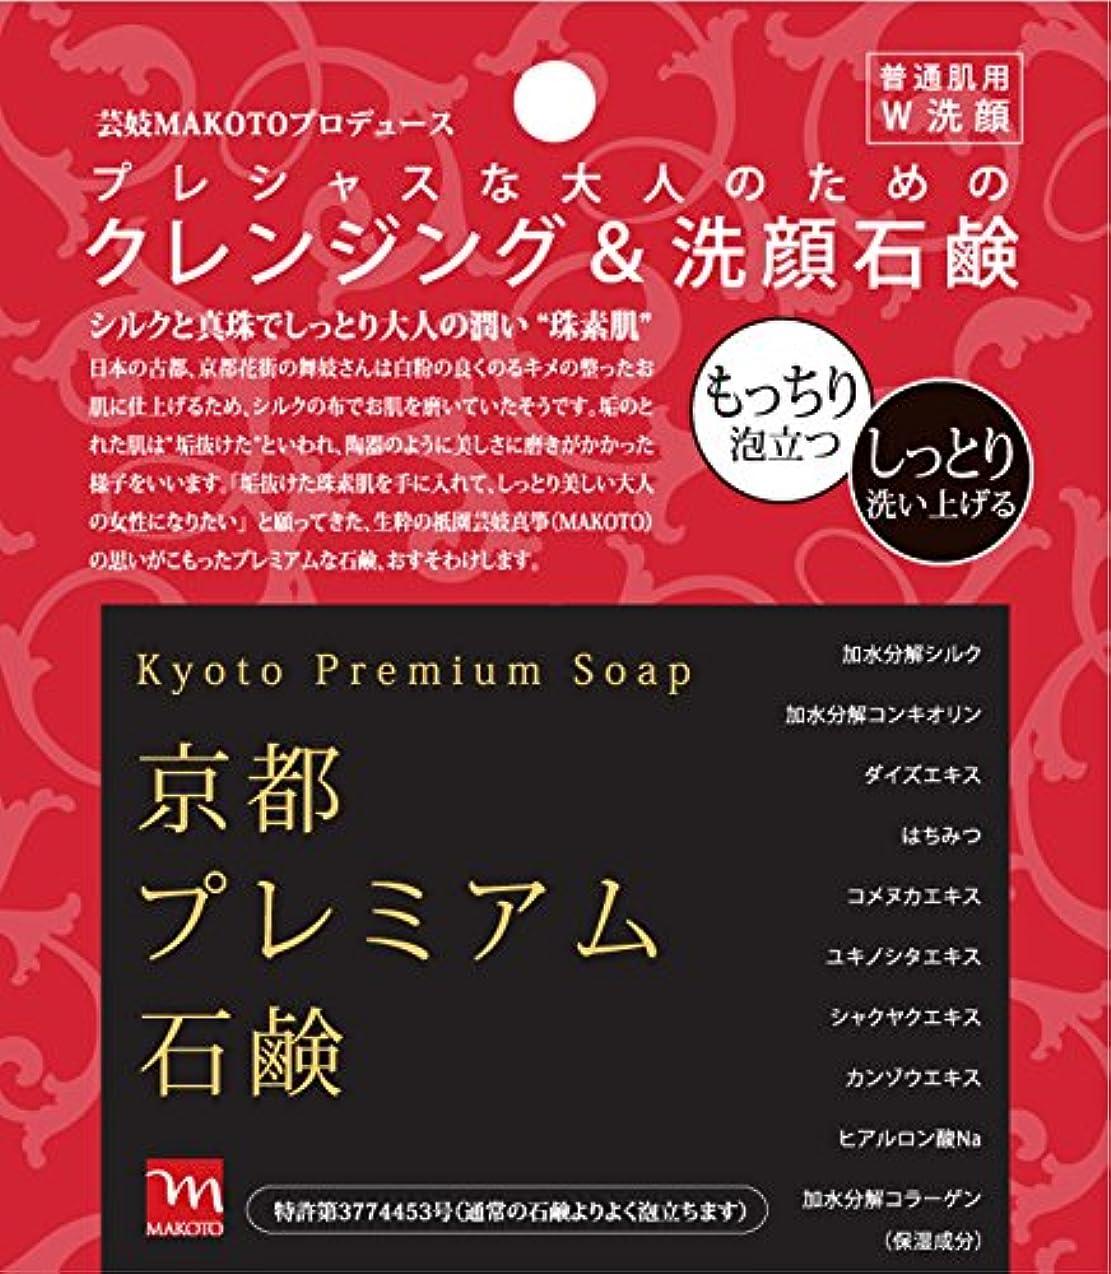 液体貧しいアンタゴニスト京都プレミアム石鹸 クレンジング&洗顔石鹸 しっとり もっちり 芸妓さん監修